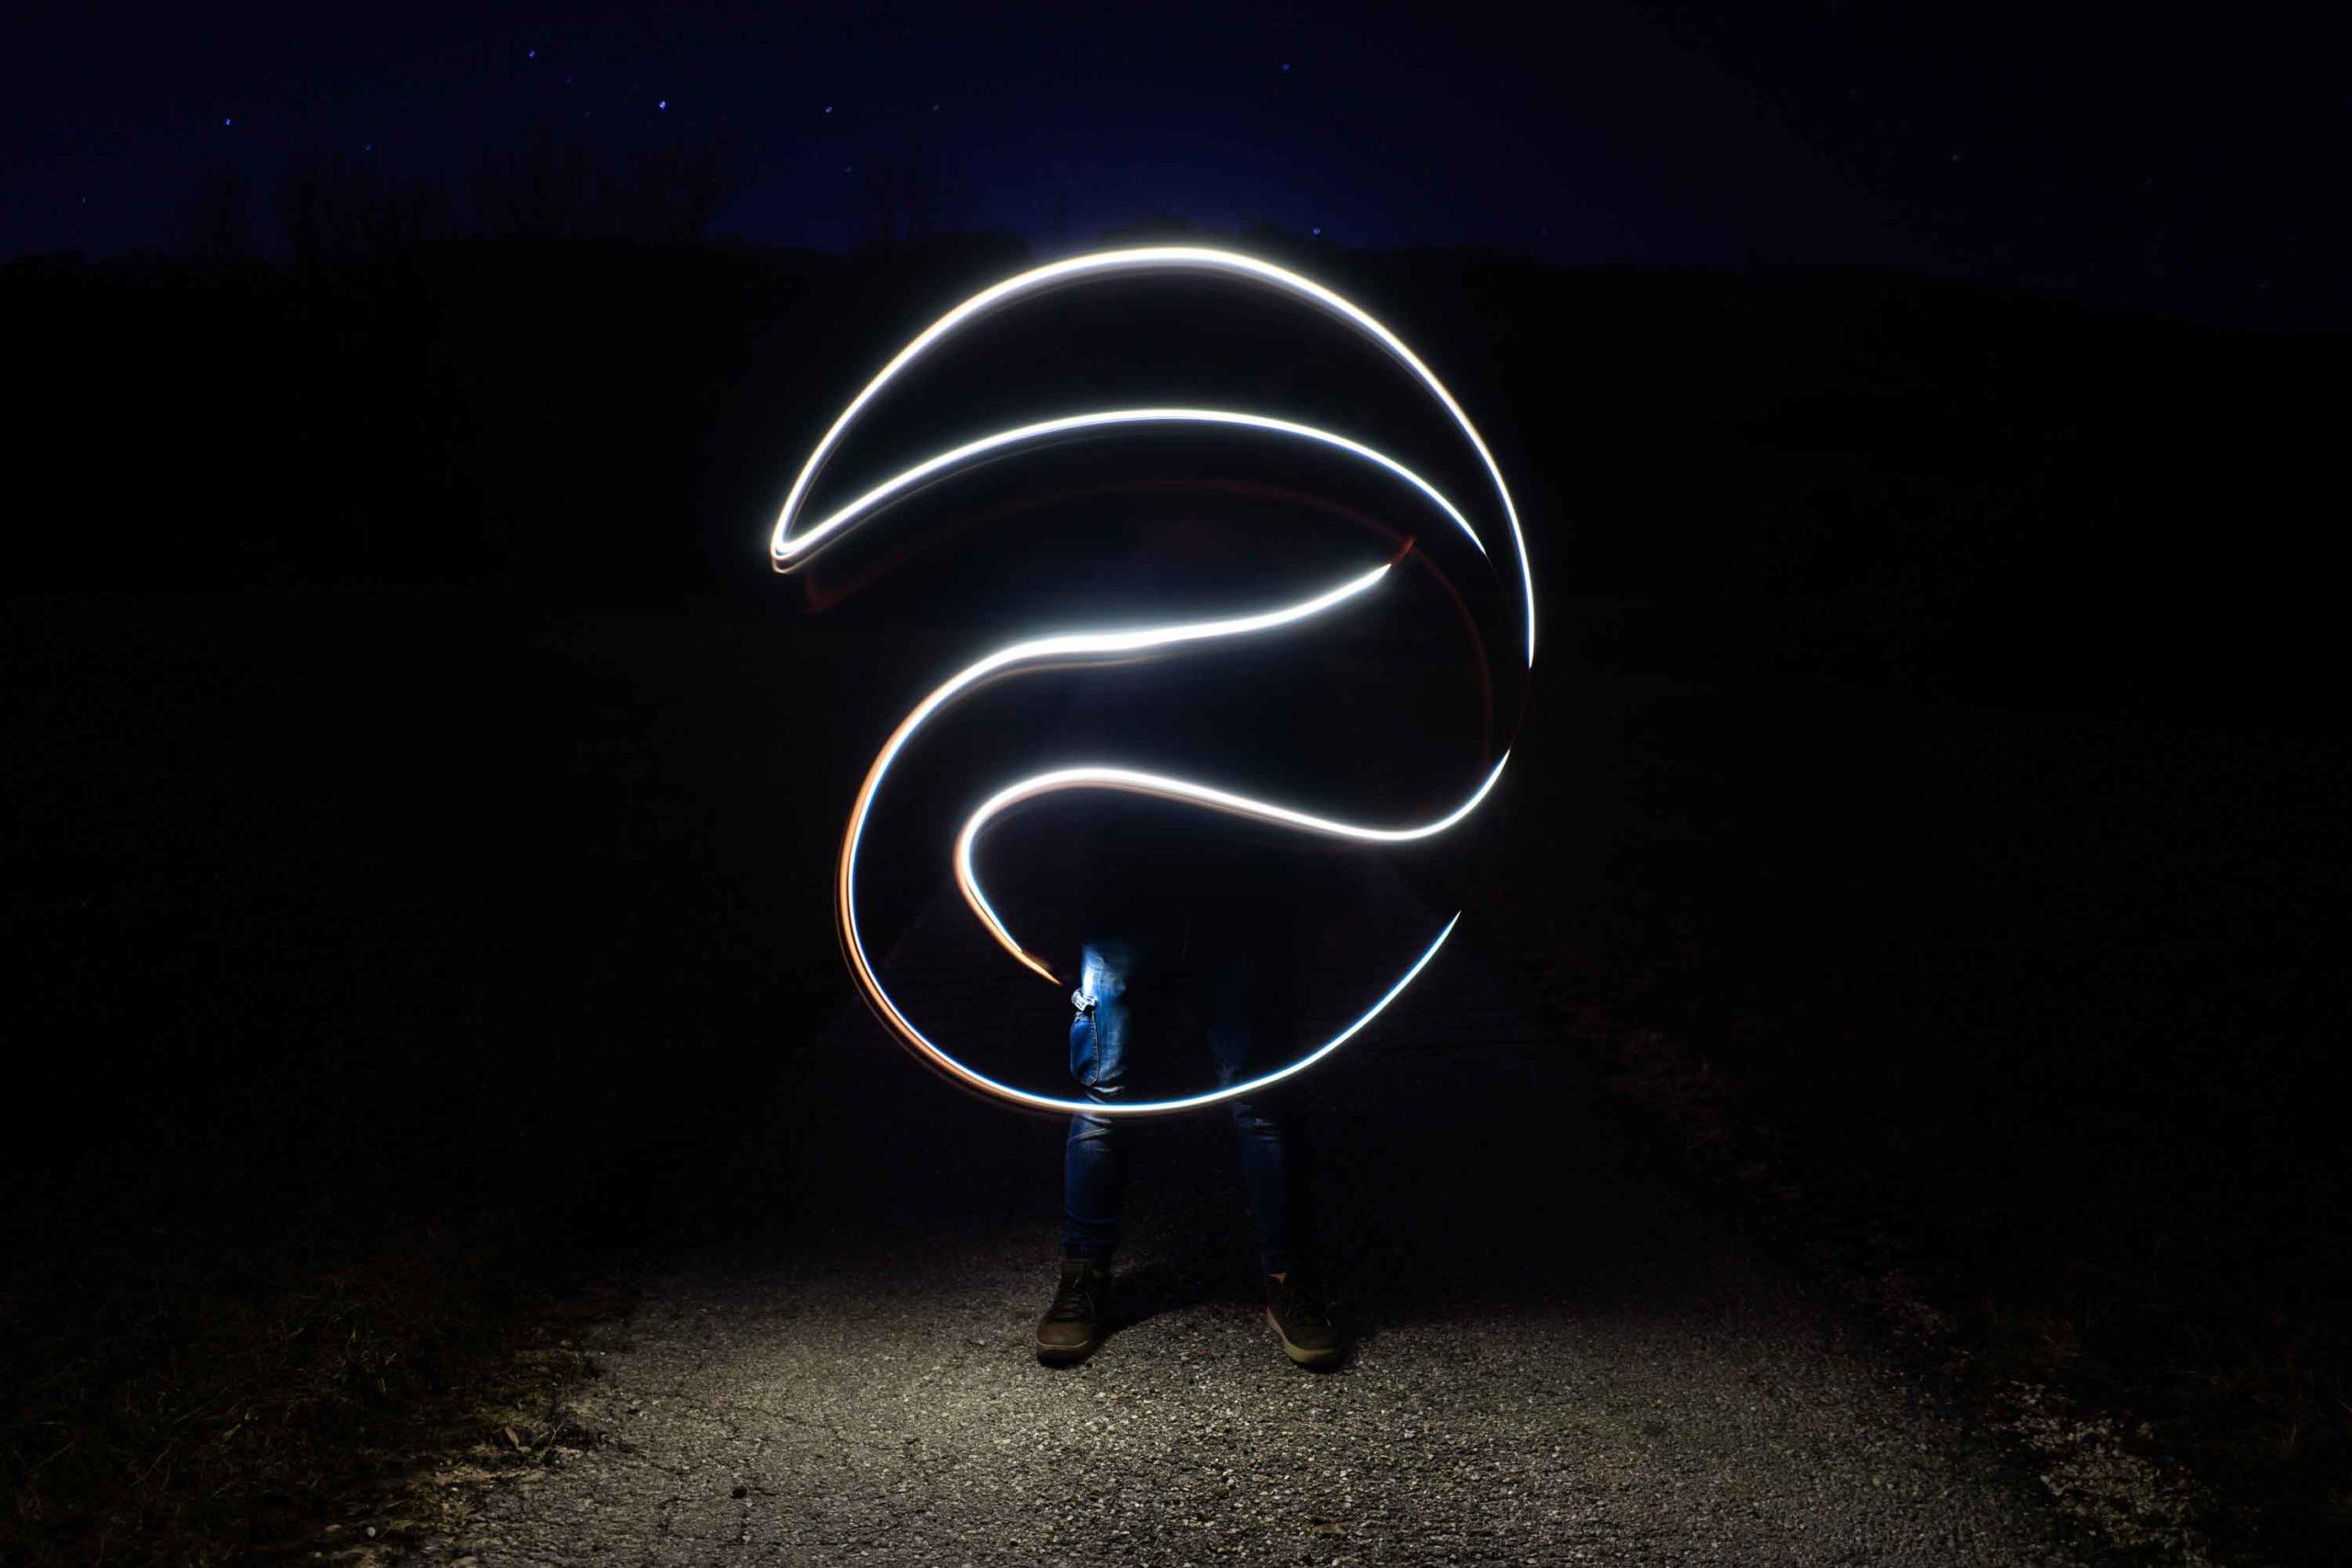 lightpainting-come-realizzarlo-per-le-foto-di-natale